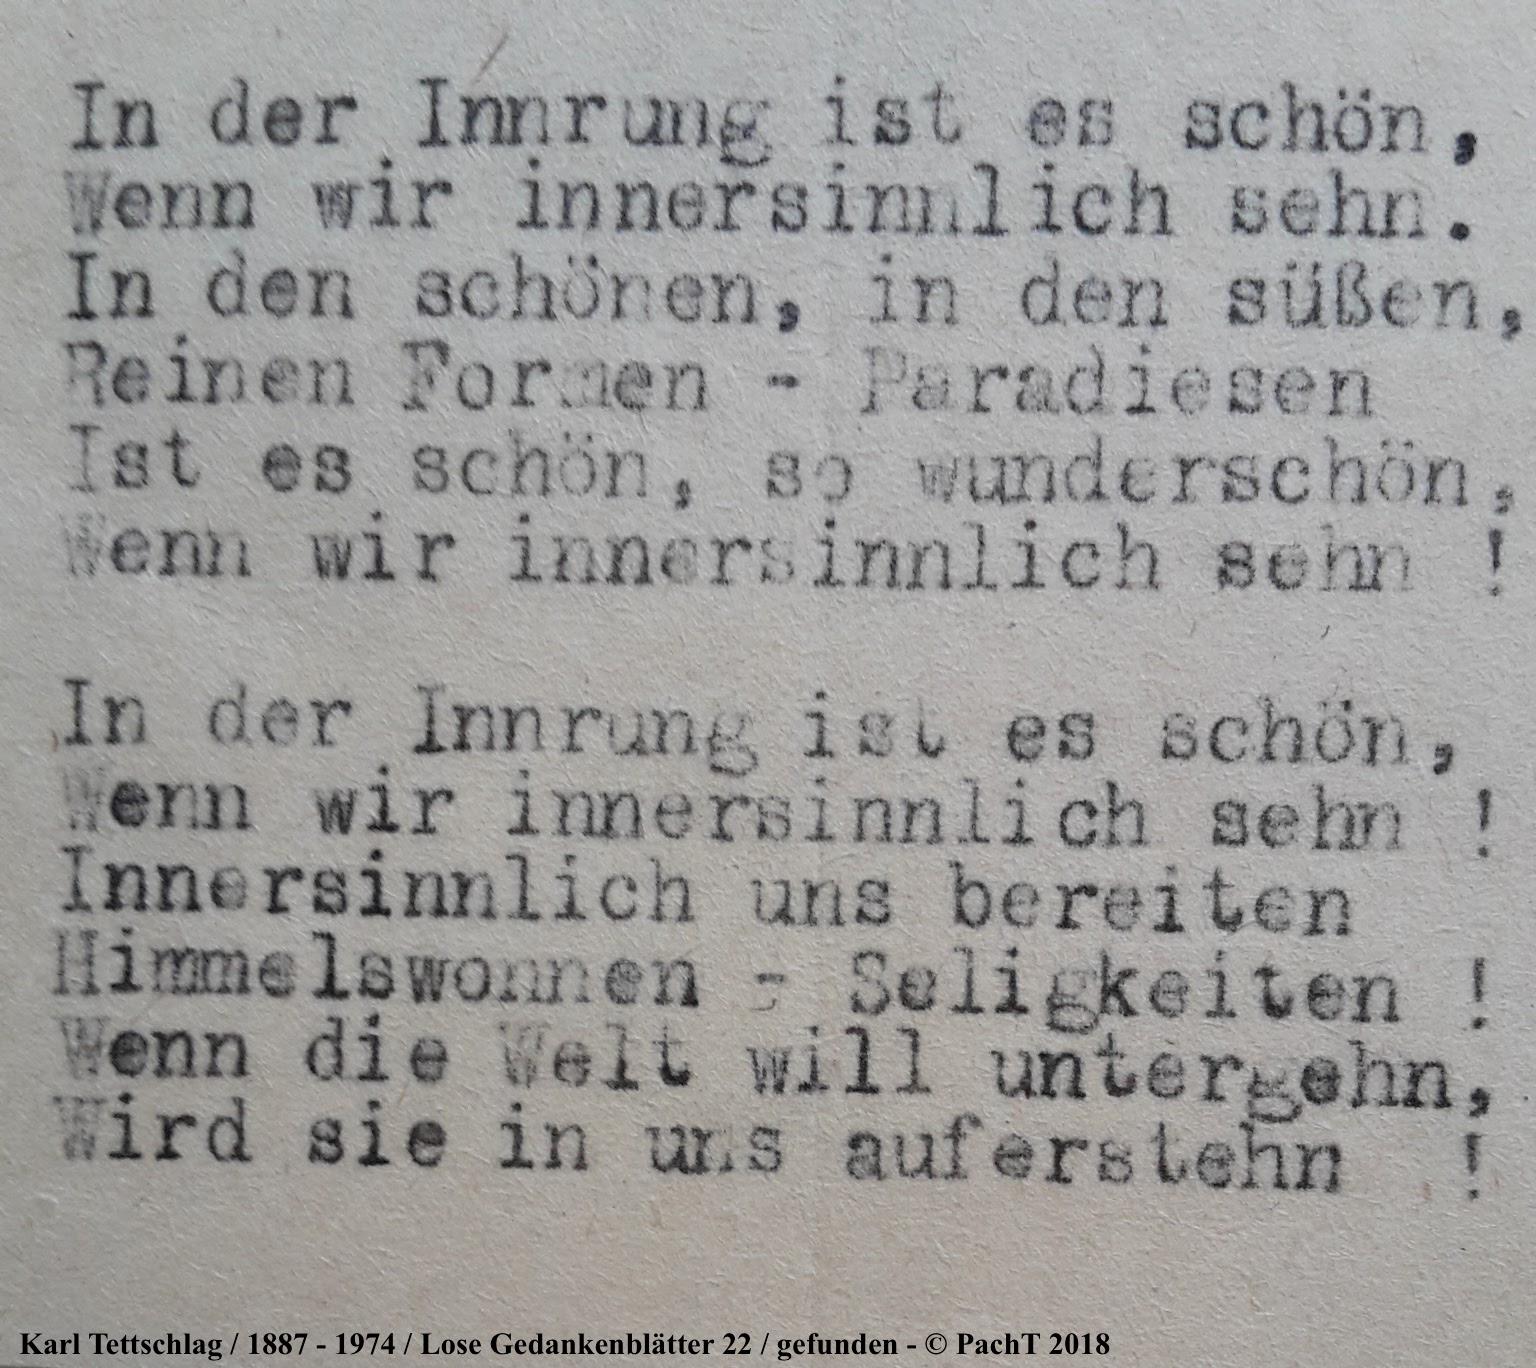 1887 - 1974 Erinnerungen an meinen Opa _ Lose GedankenBlätter 22